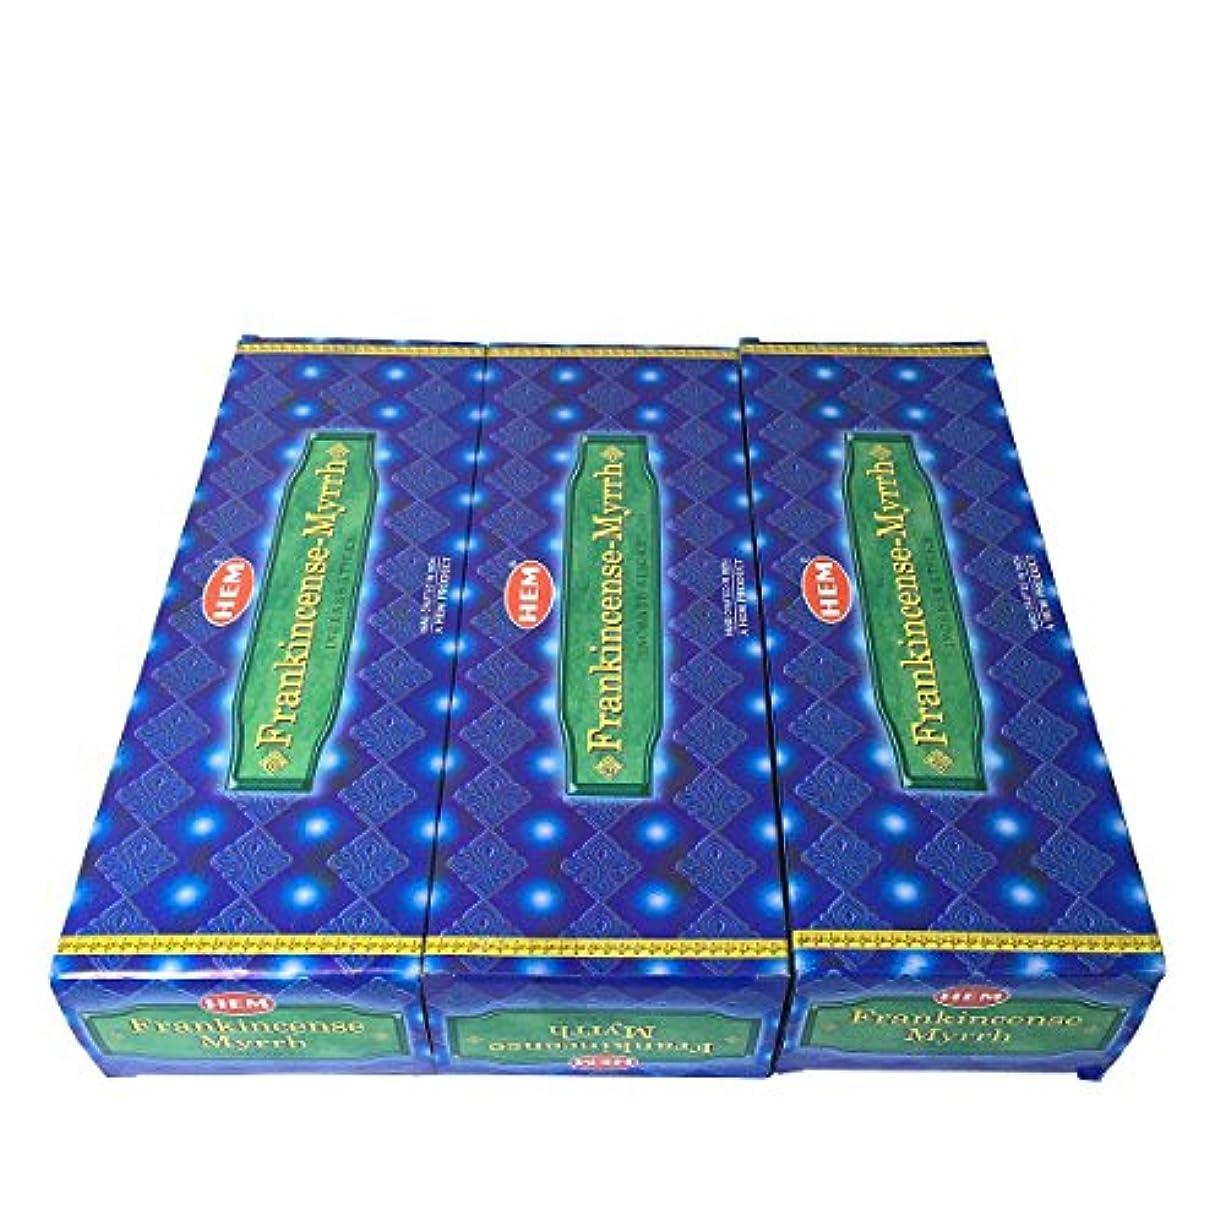 会議移民考えたフランキンセンス ミルラ香スティック 3BOX(18箱) /HEM FRANKINCENSE MYRRH/インセンス/インド香 お香 [並行輸入品]